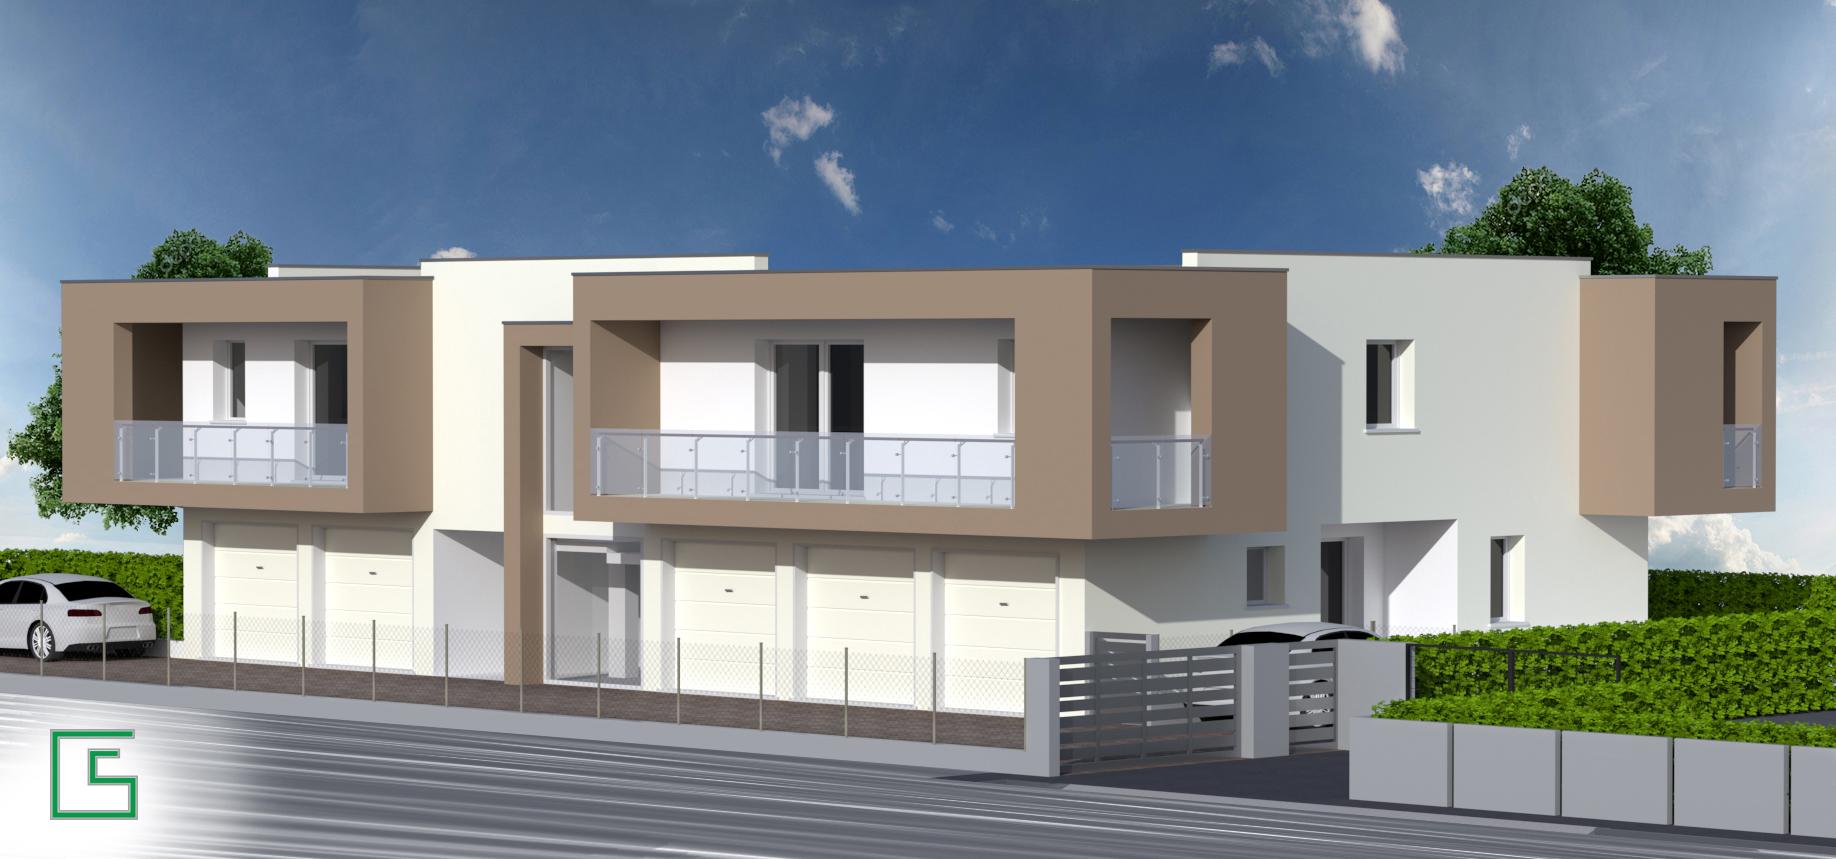 Appartamenti Candiana da realizzare offerte dello Studio Tecnico Geometra Schiavon Piove di Sacco